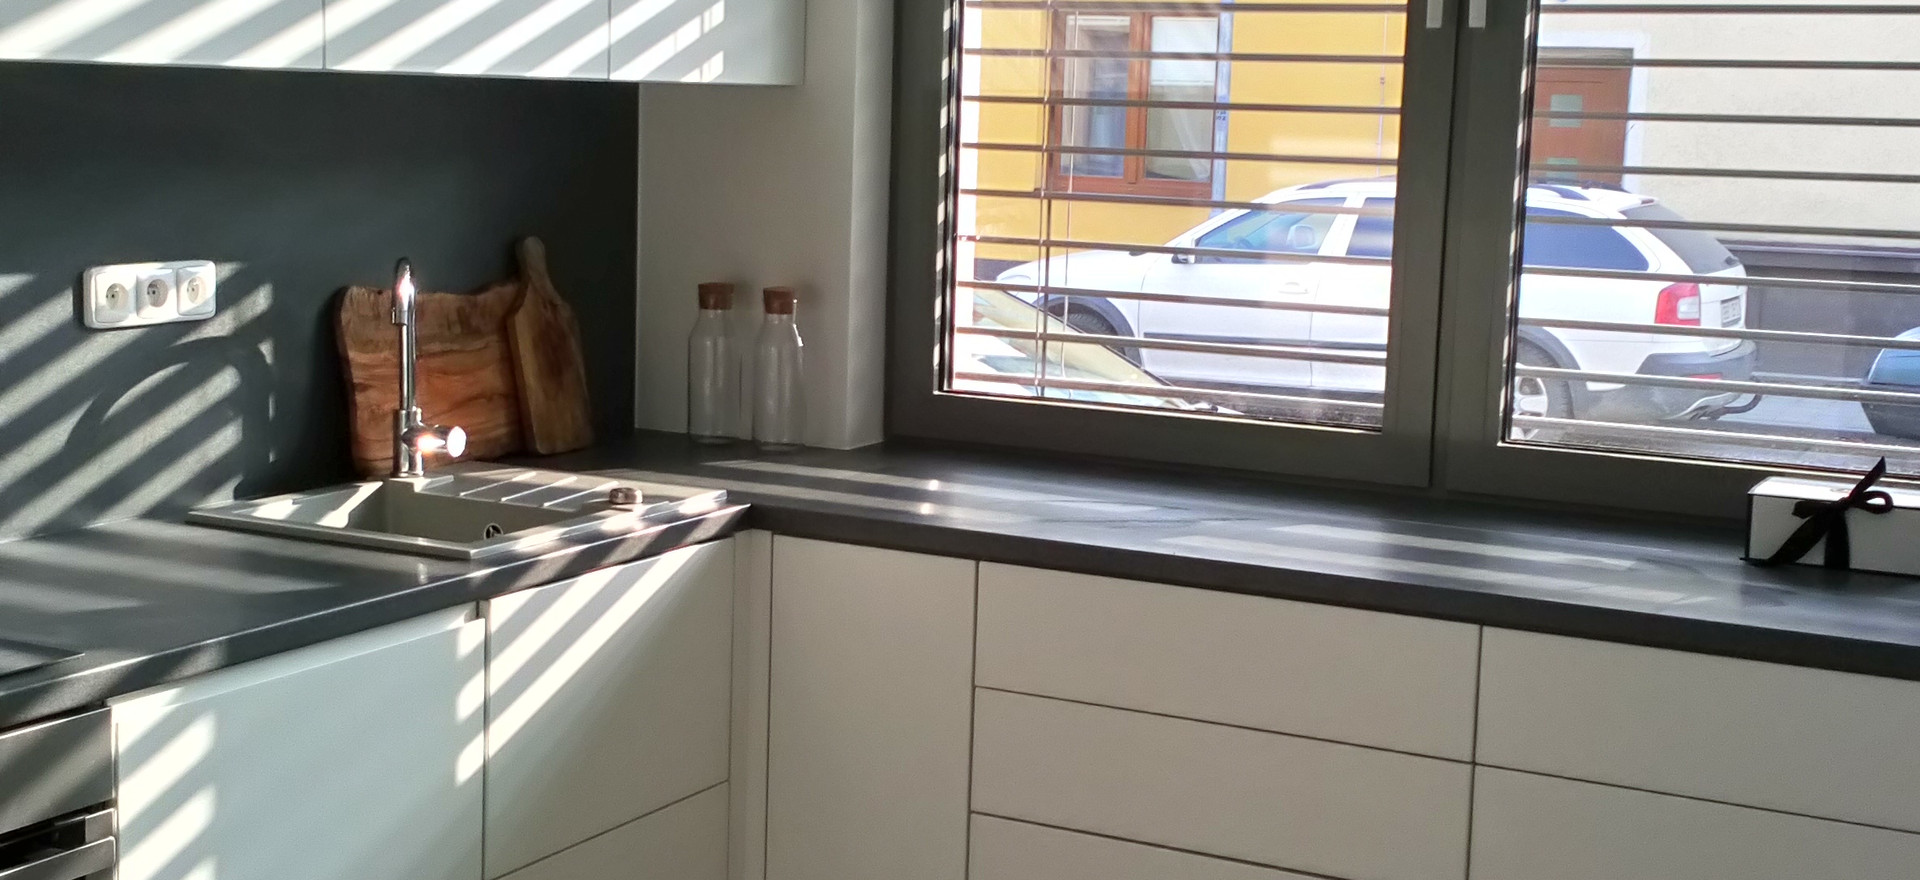 Kuchyně pro nájemníka